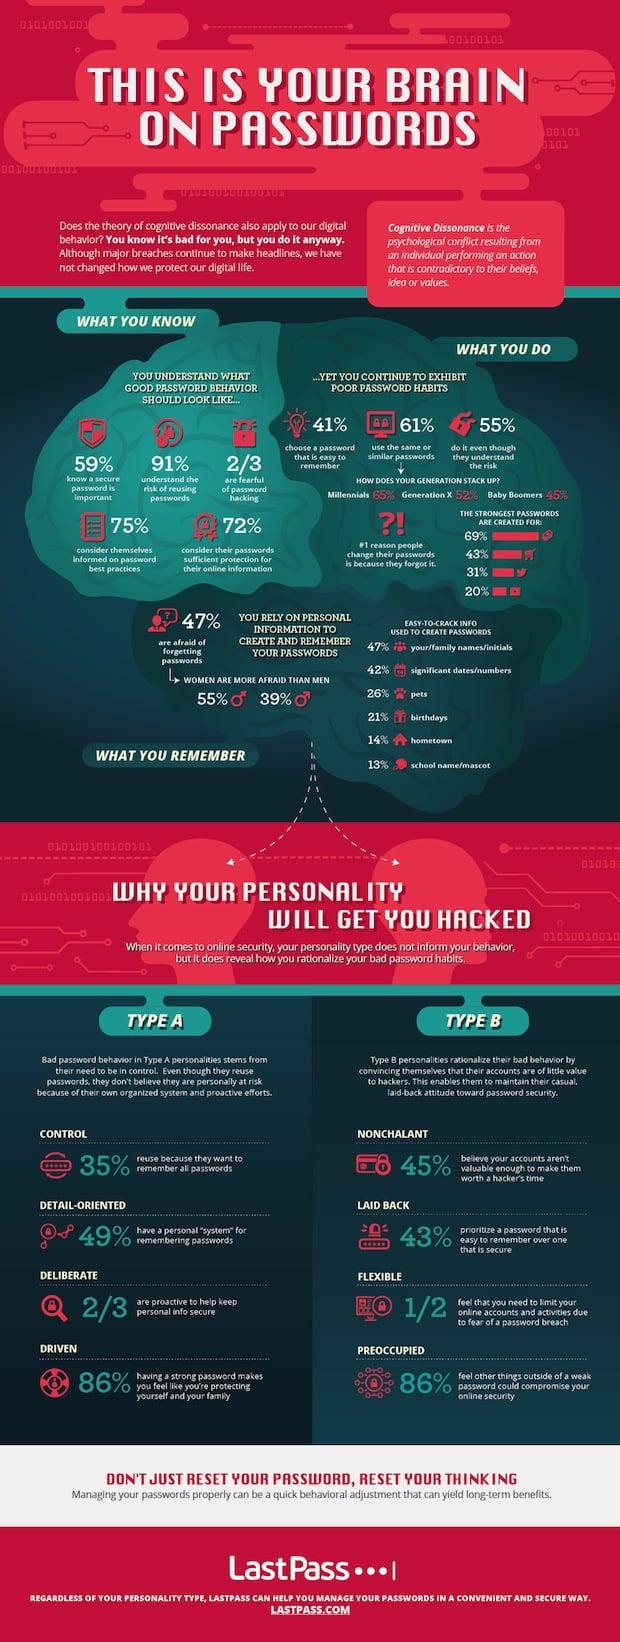 Bild von Die Psychologie der Passwörter: Wie beeinflusst unsere Persönlichkeit die Gefahr, gehackt zu werden?